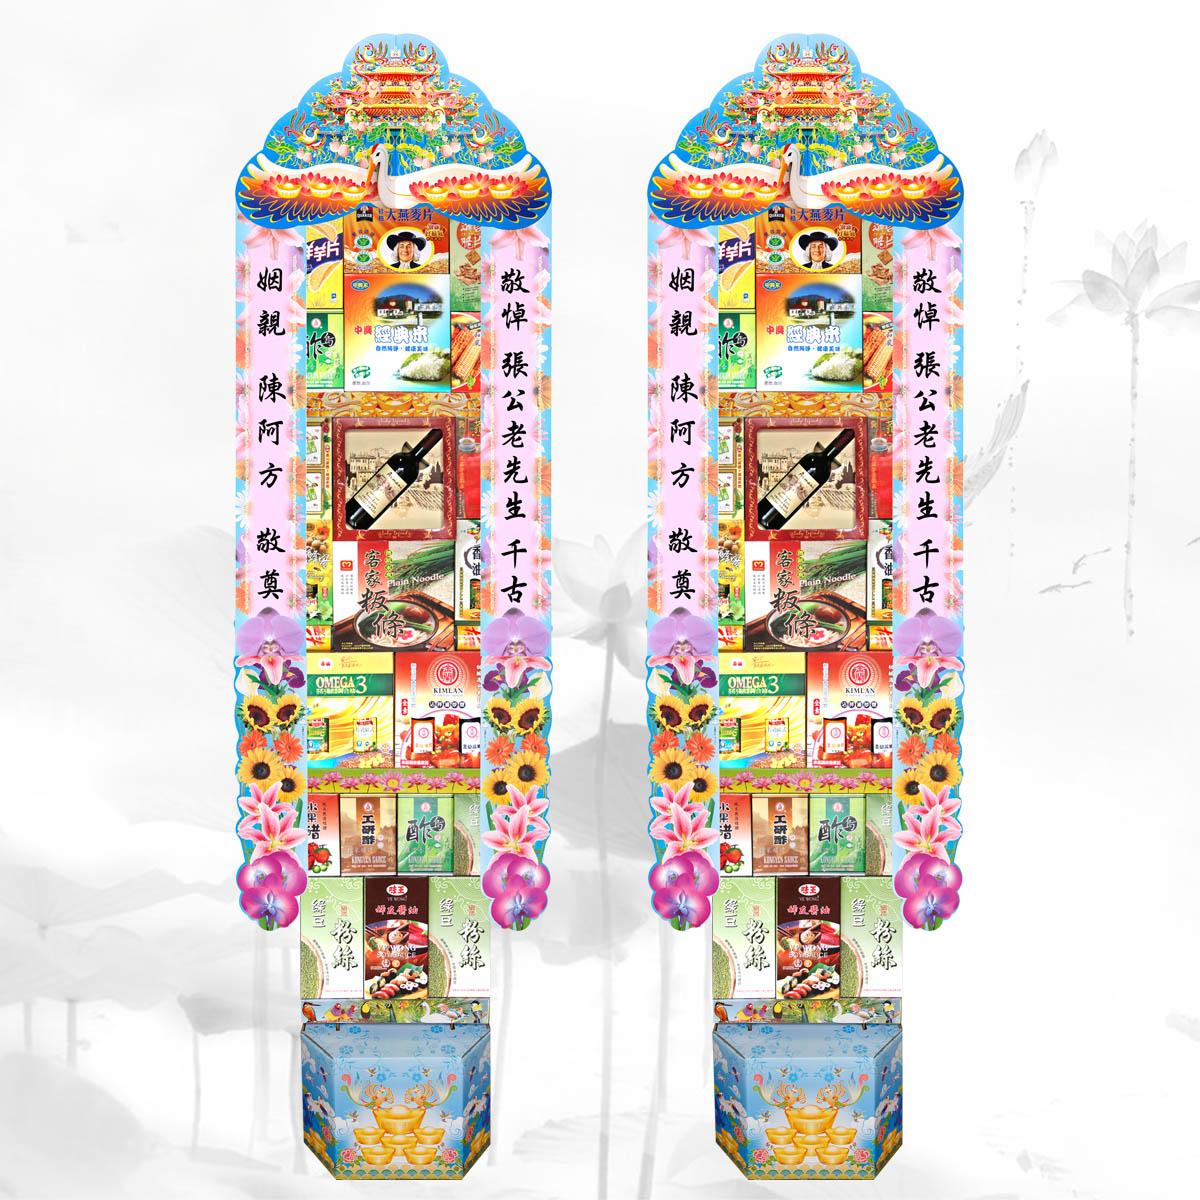 喪禮用罐頭塔-A-09 罐頭禮籃